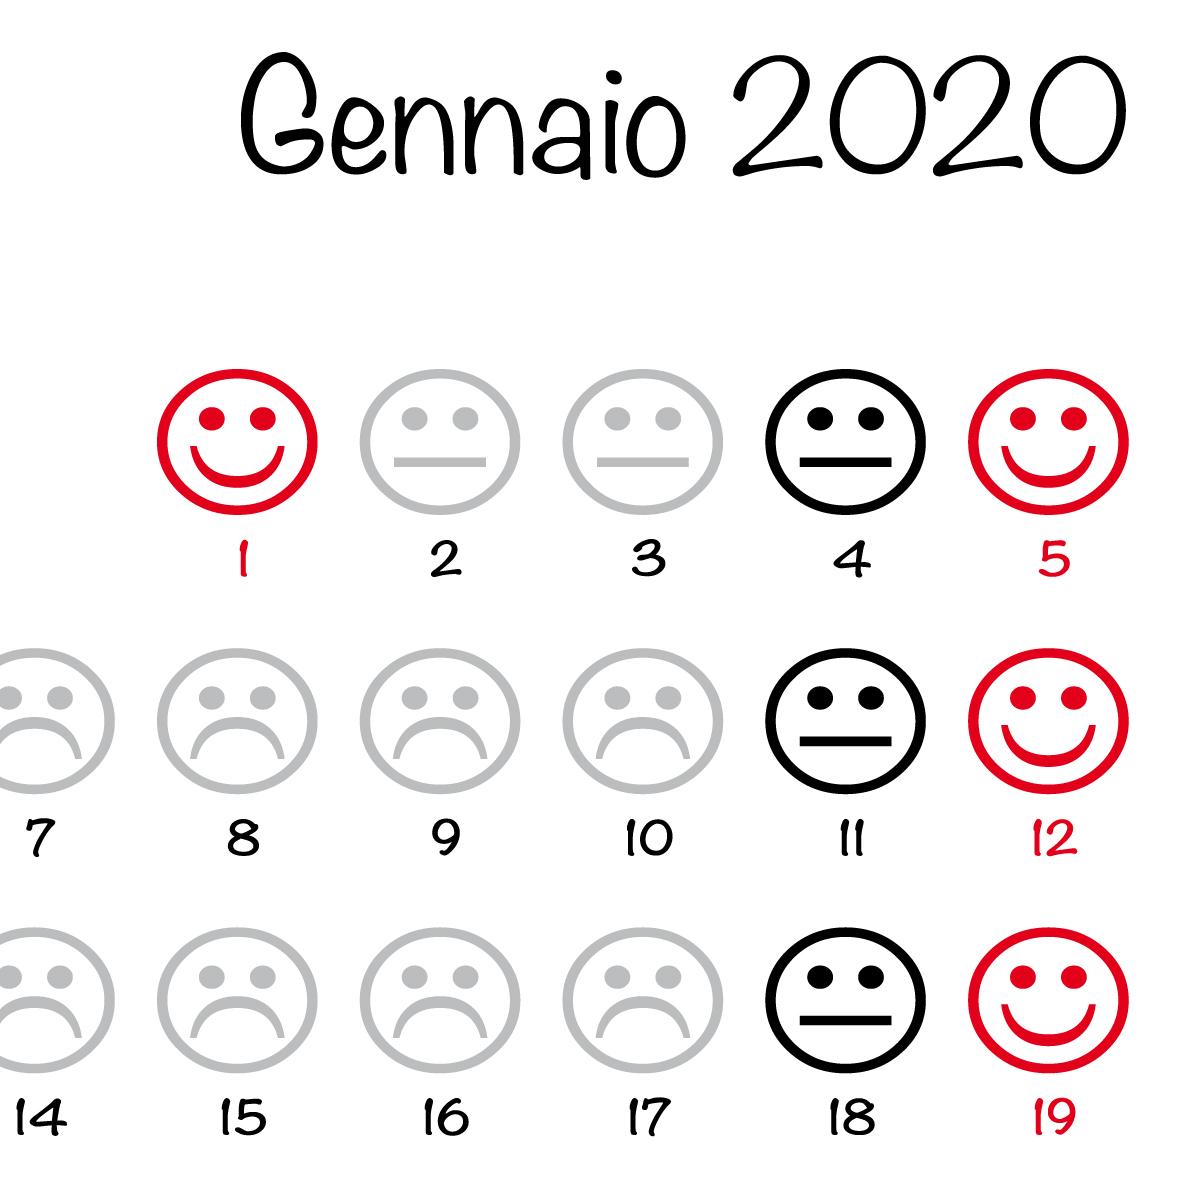 Feste Calendario 2020.Calendario 2020 Smile